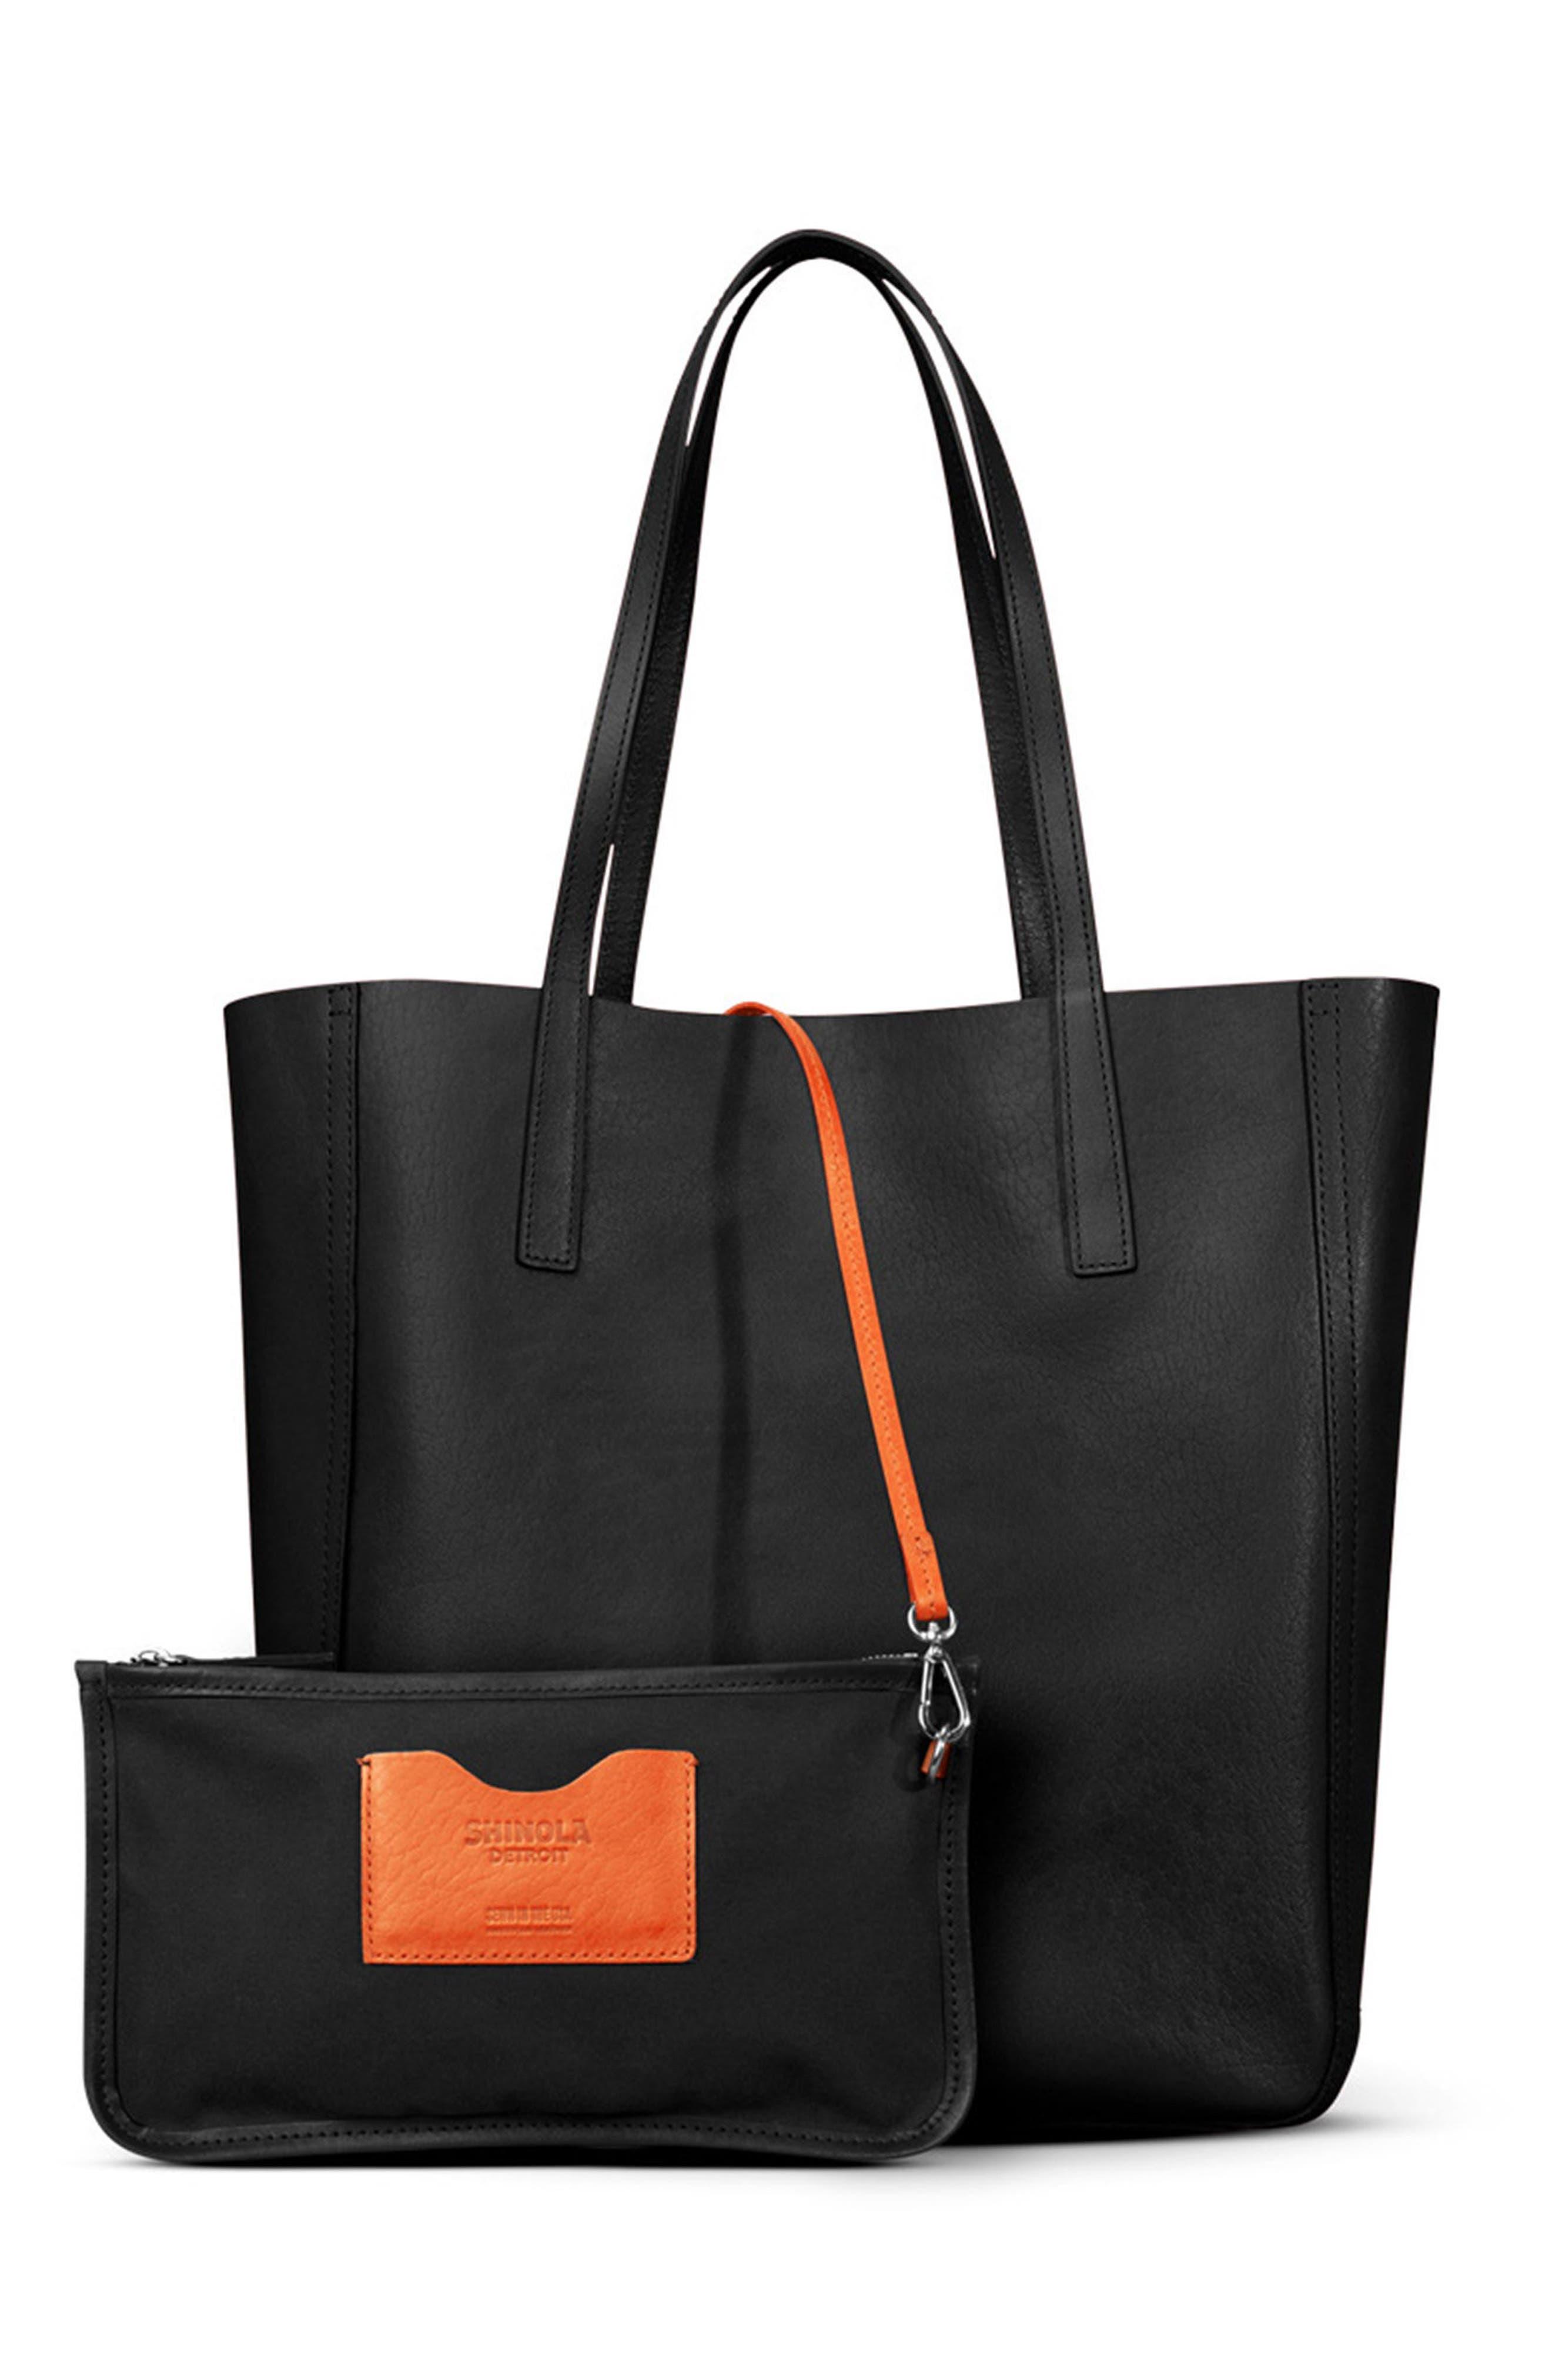 Medium Leather Shopper,                             Main thumbnail 1, color,                             Black